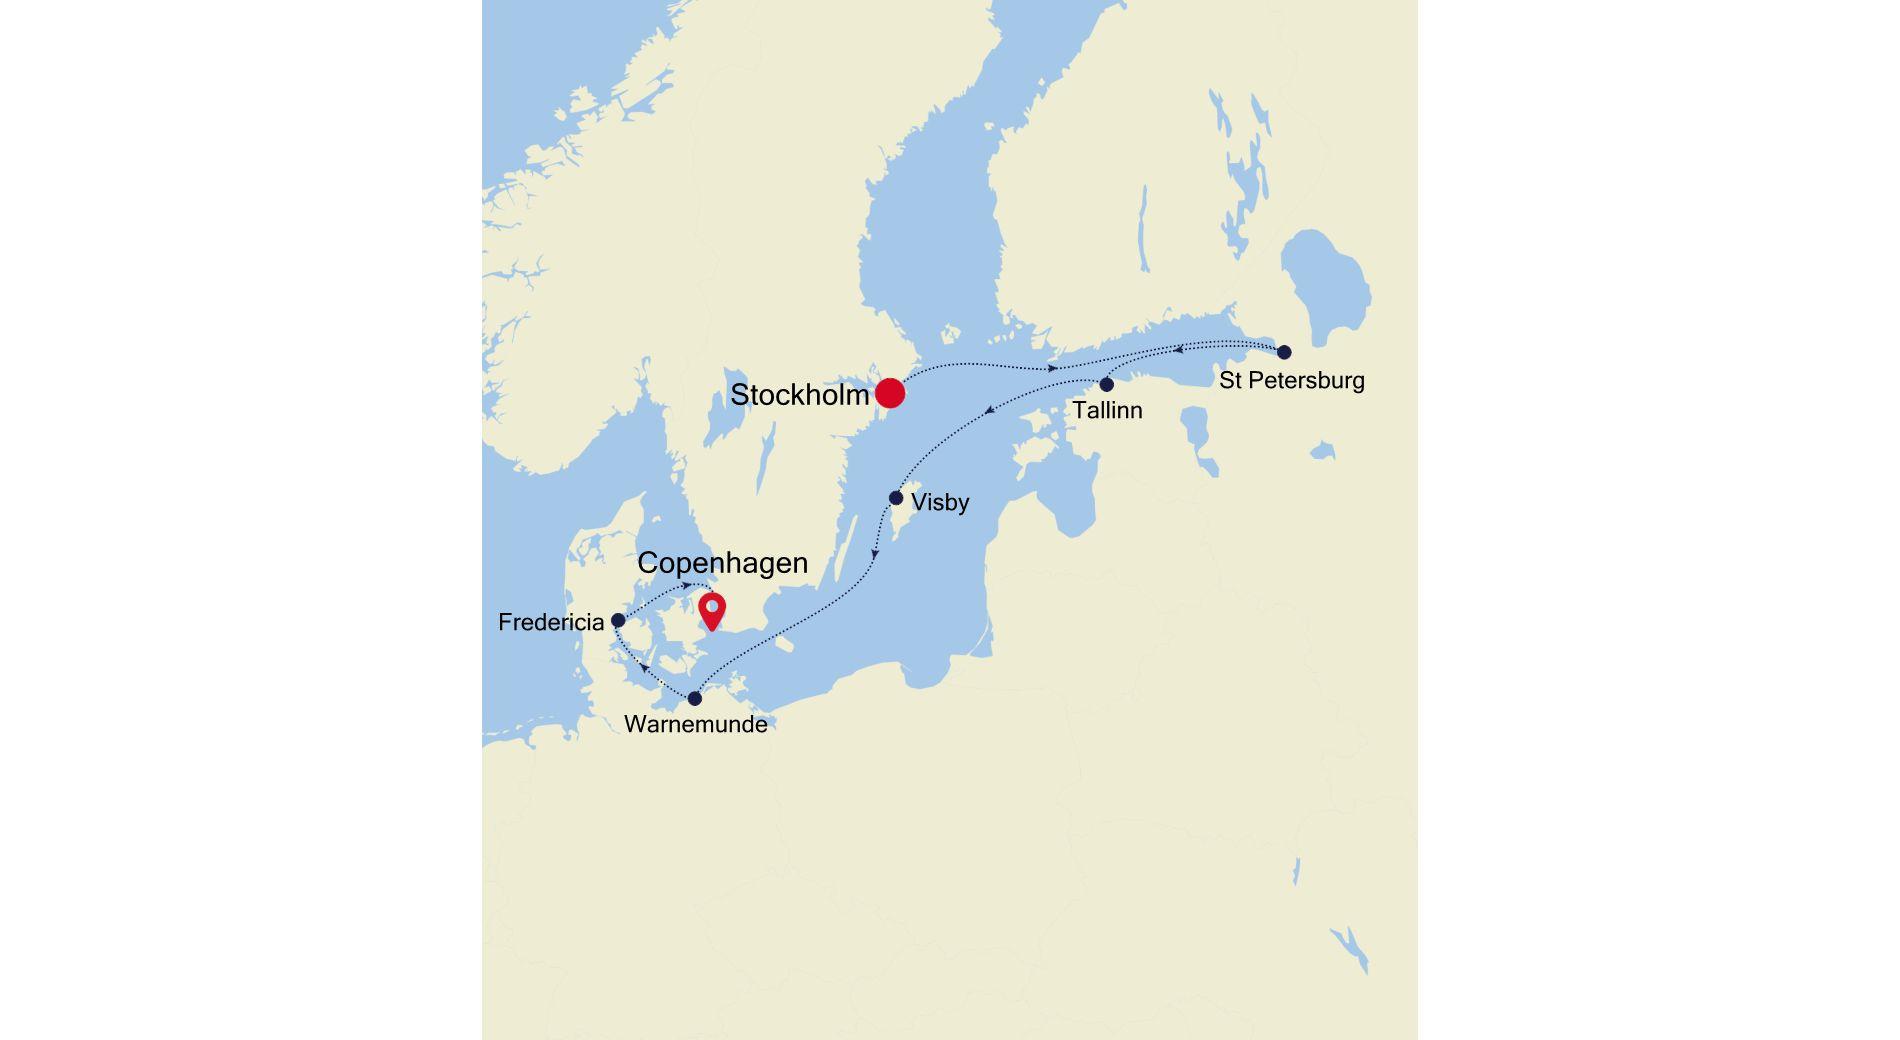 5924 - Stockholm à Copenhagen